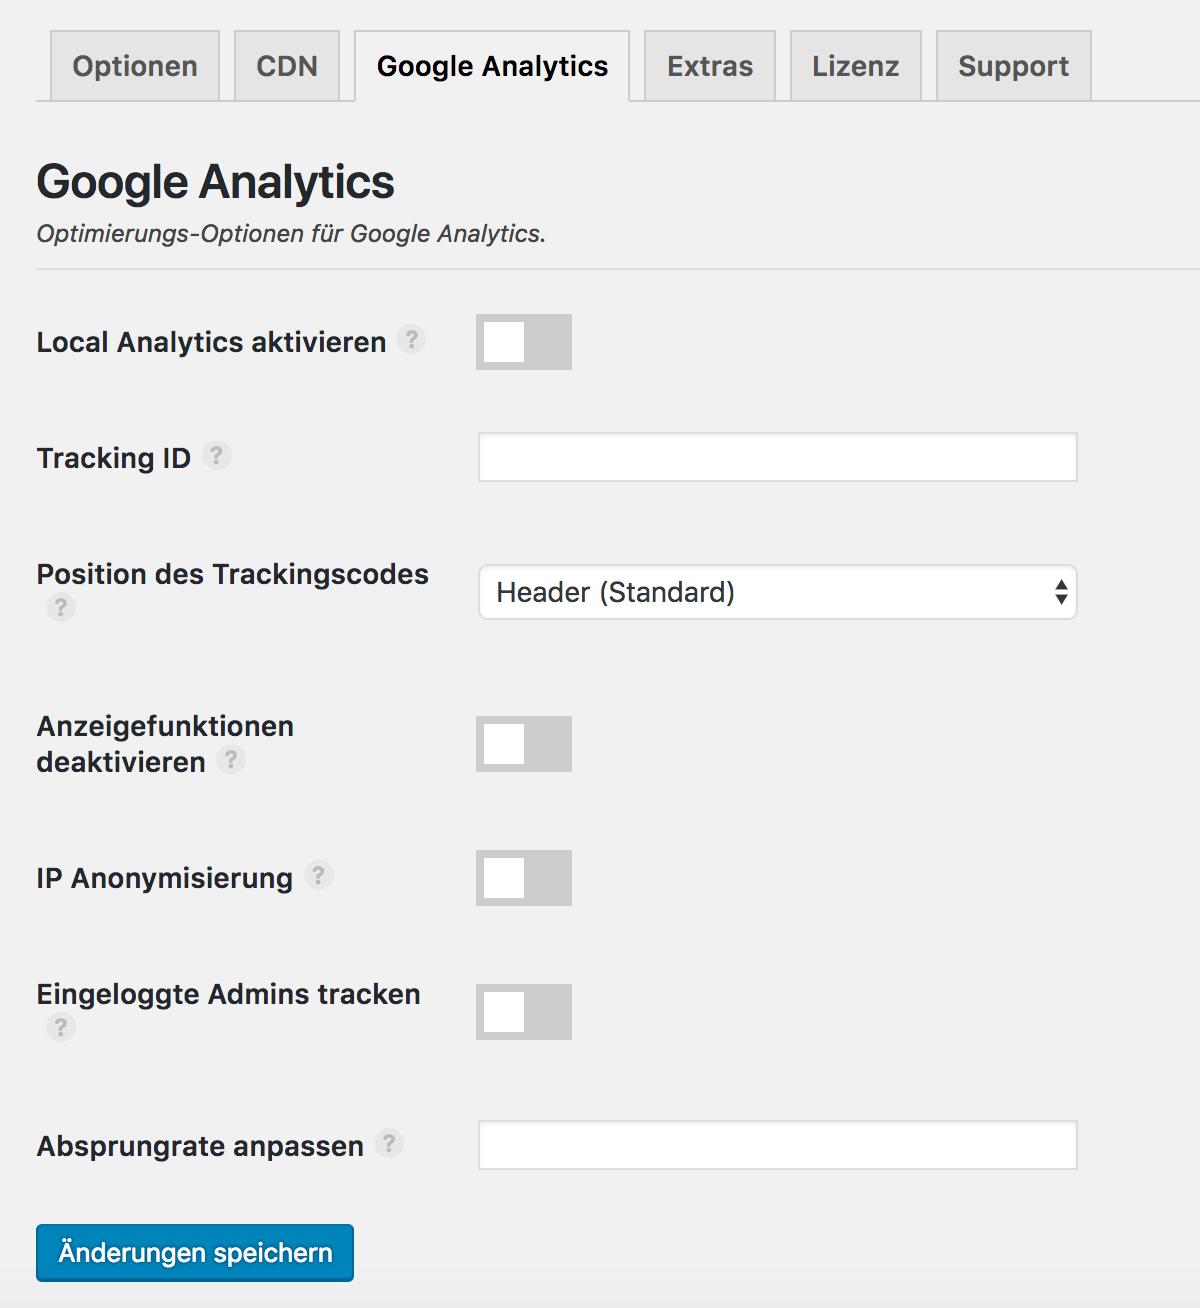 Die Perfmatters Google Analytics Optionen